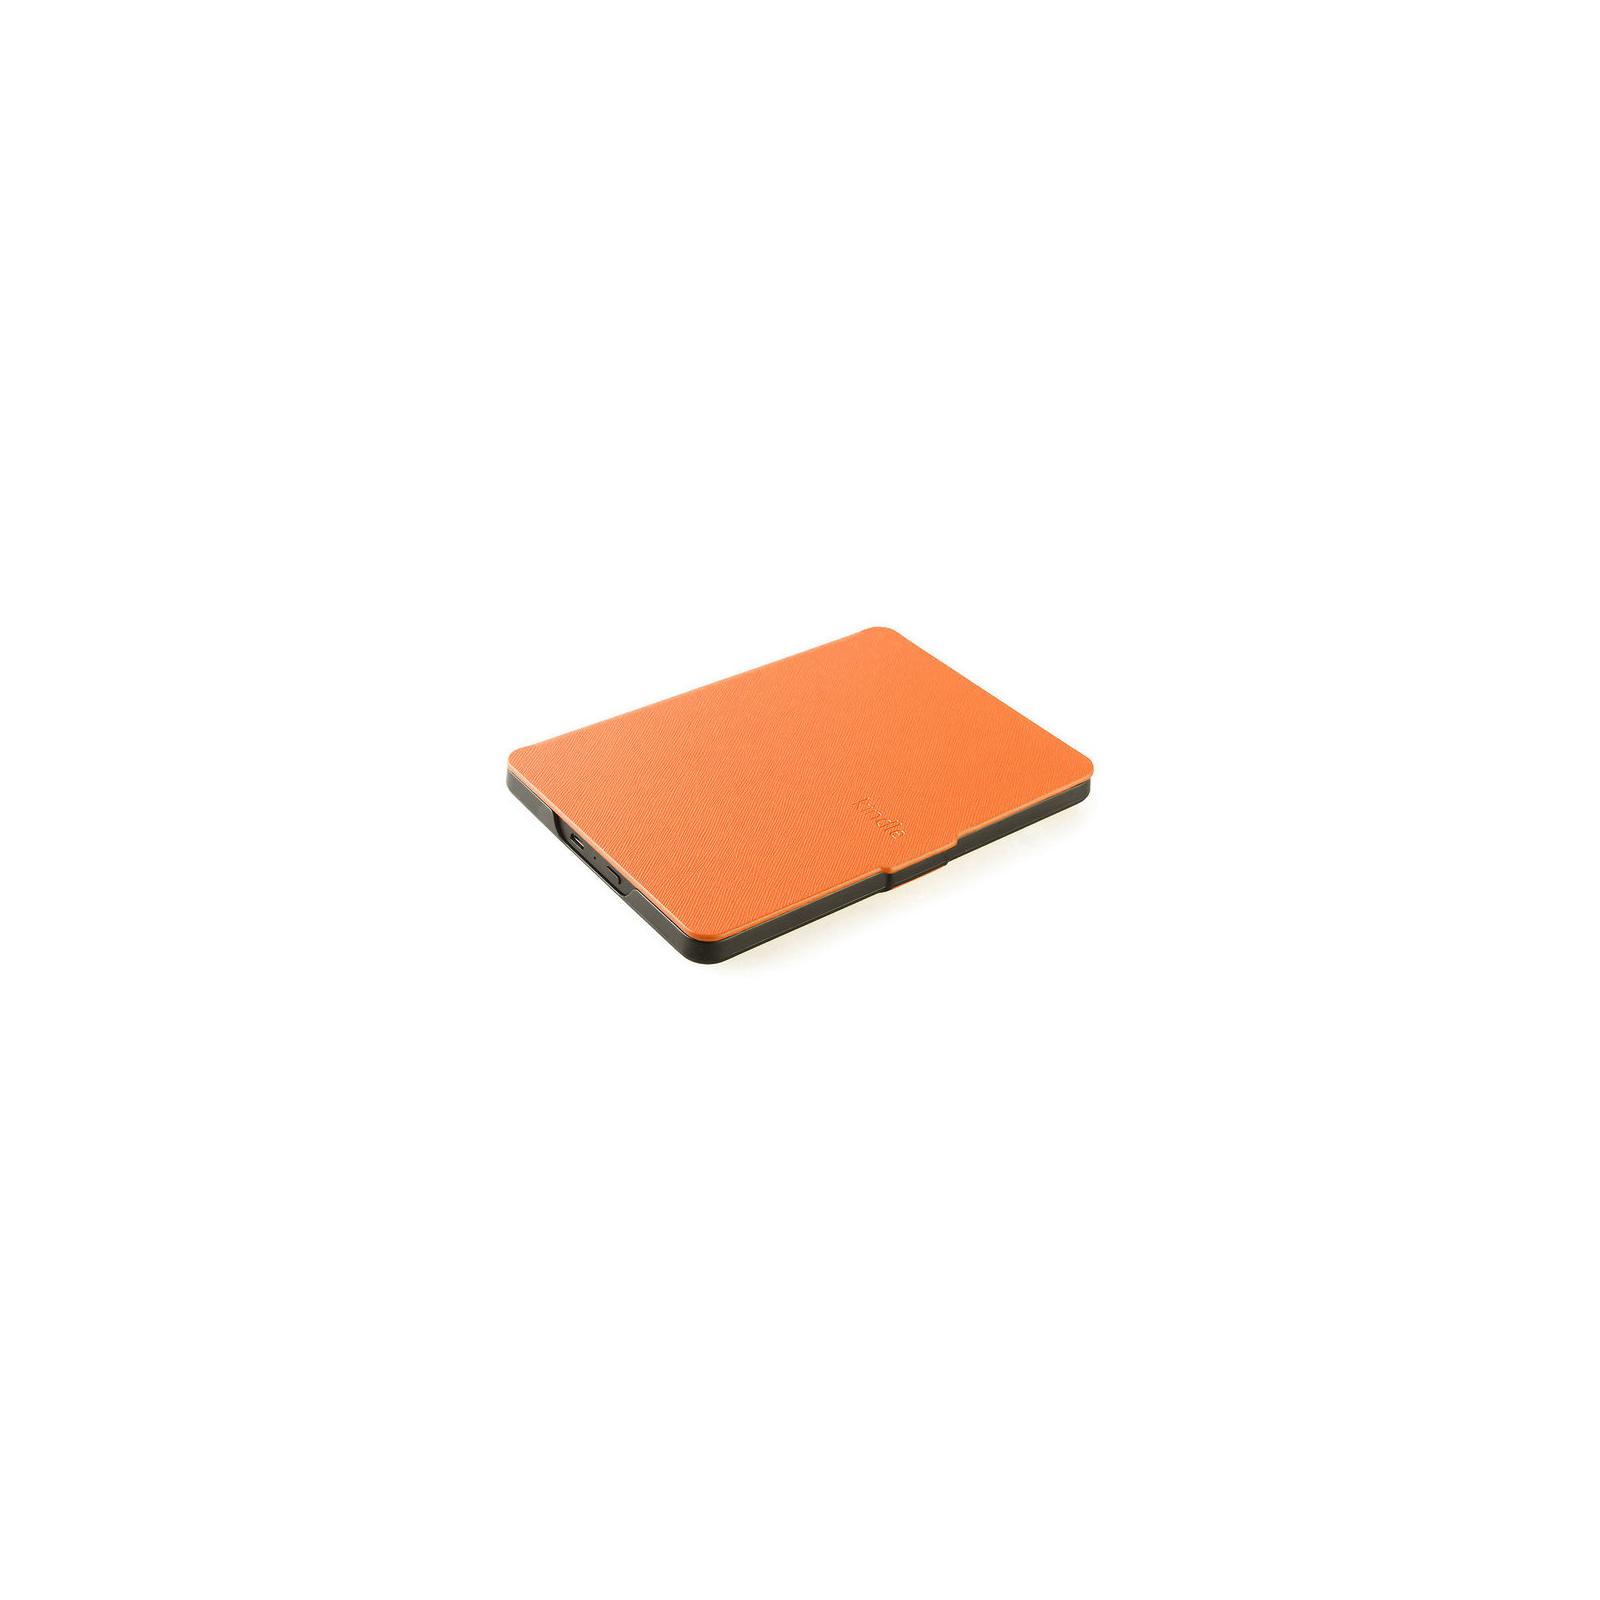 Чехол для электронной книги AirOn для Amazon Kindle 6 orange (4822356754498) изображение 4